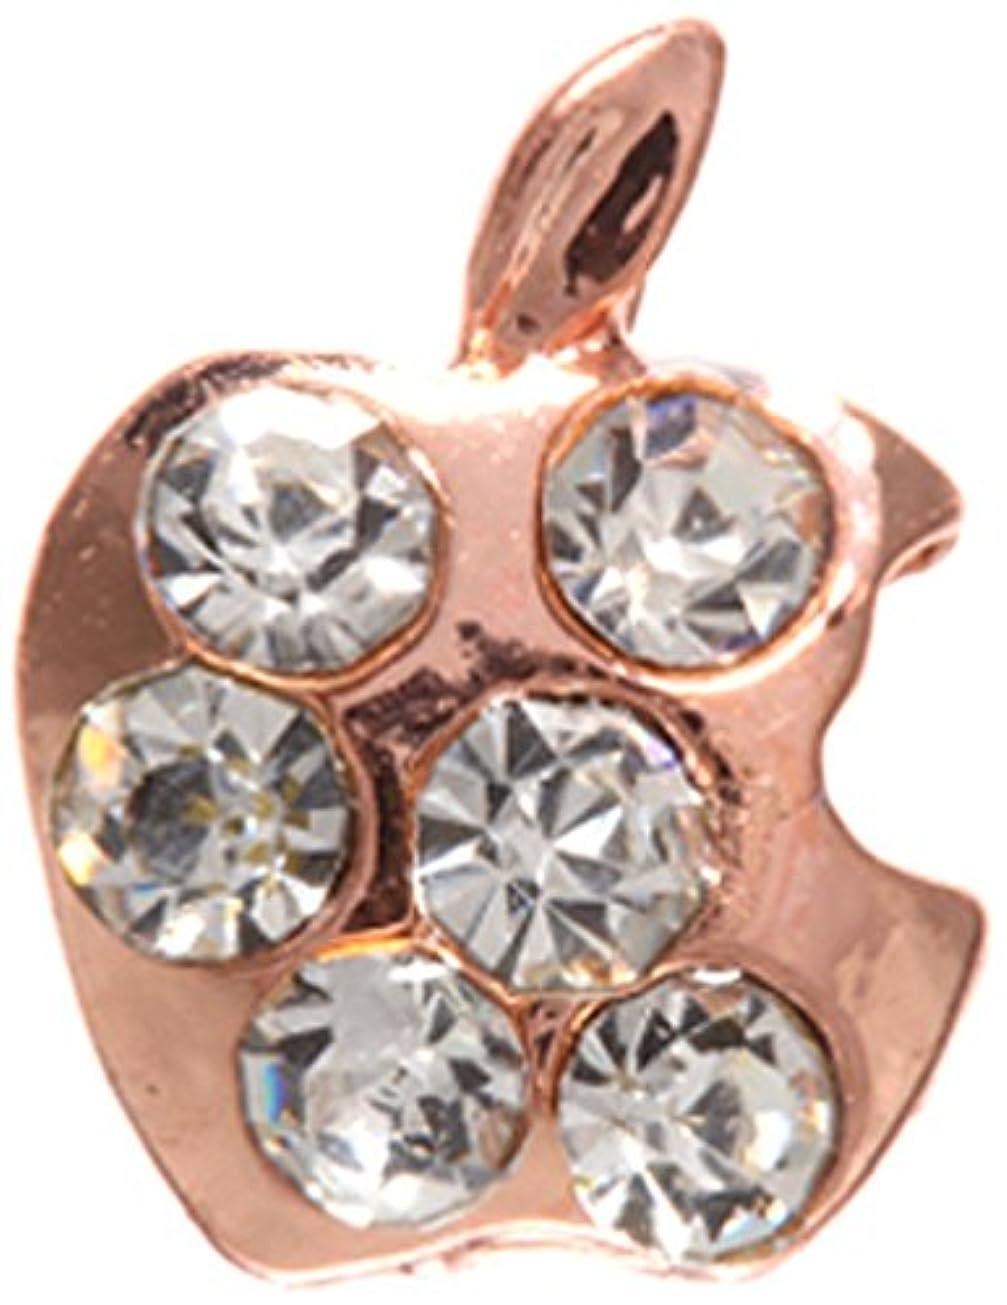 特定の位置づけるフィードアップル クリスタル(各2個) ピンクゴールド